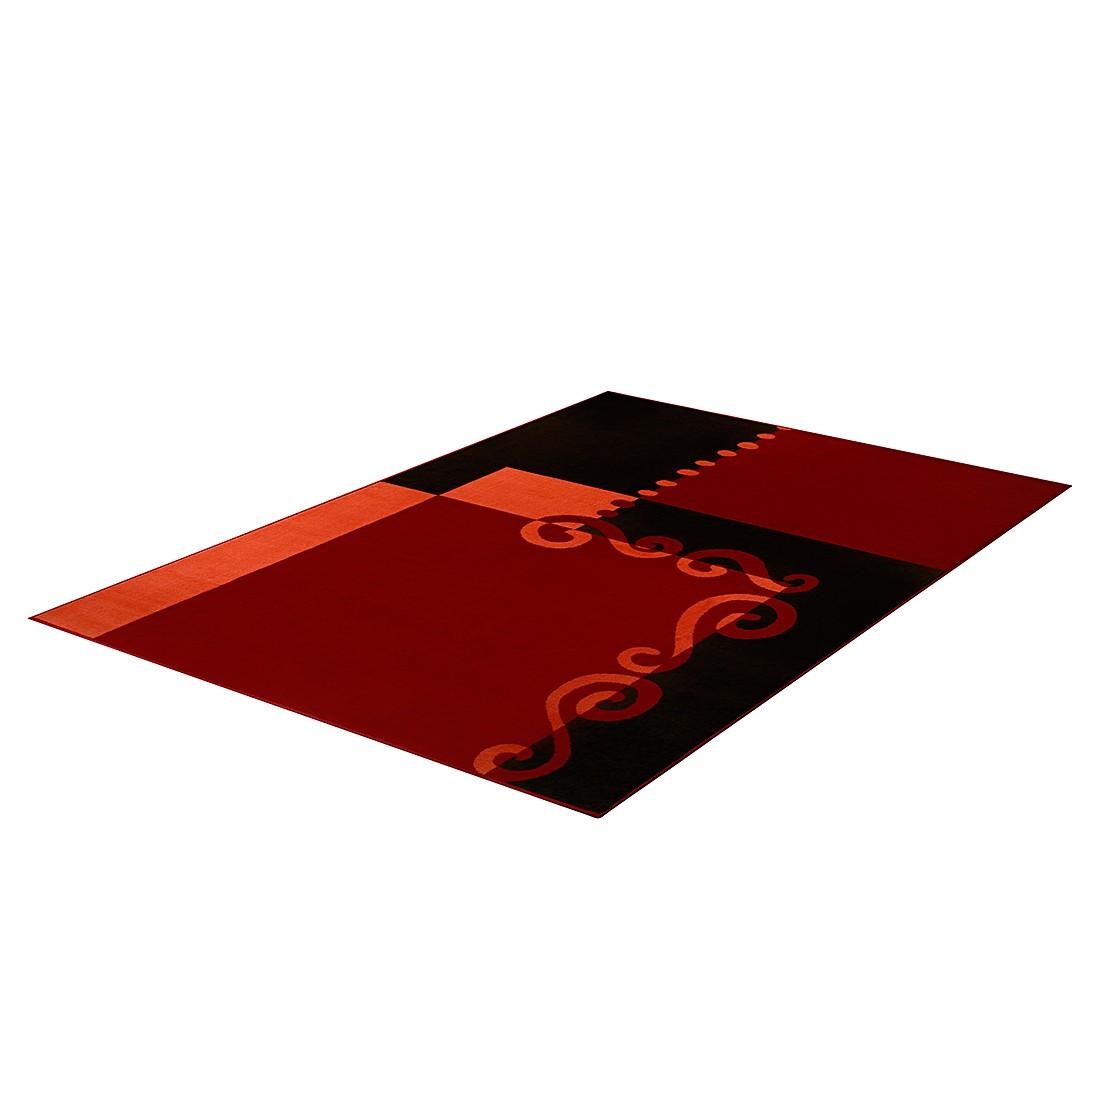 Teppich Prime Pile Modern Cube – Rot/Schwarz/Orange – 60 x 110 cm, Hanse Home Collection online bestellen